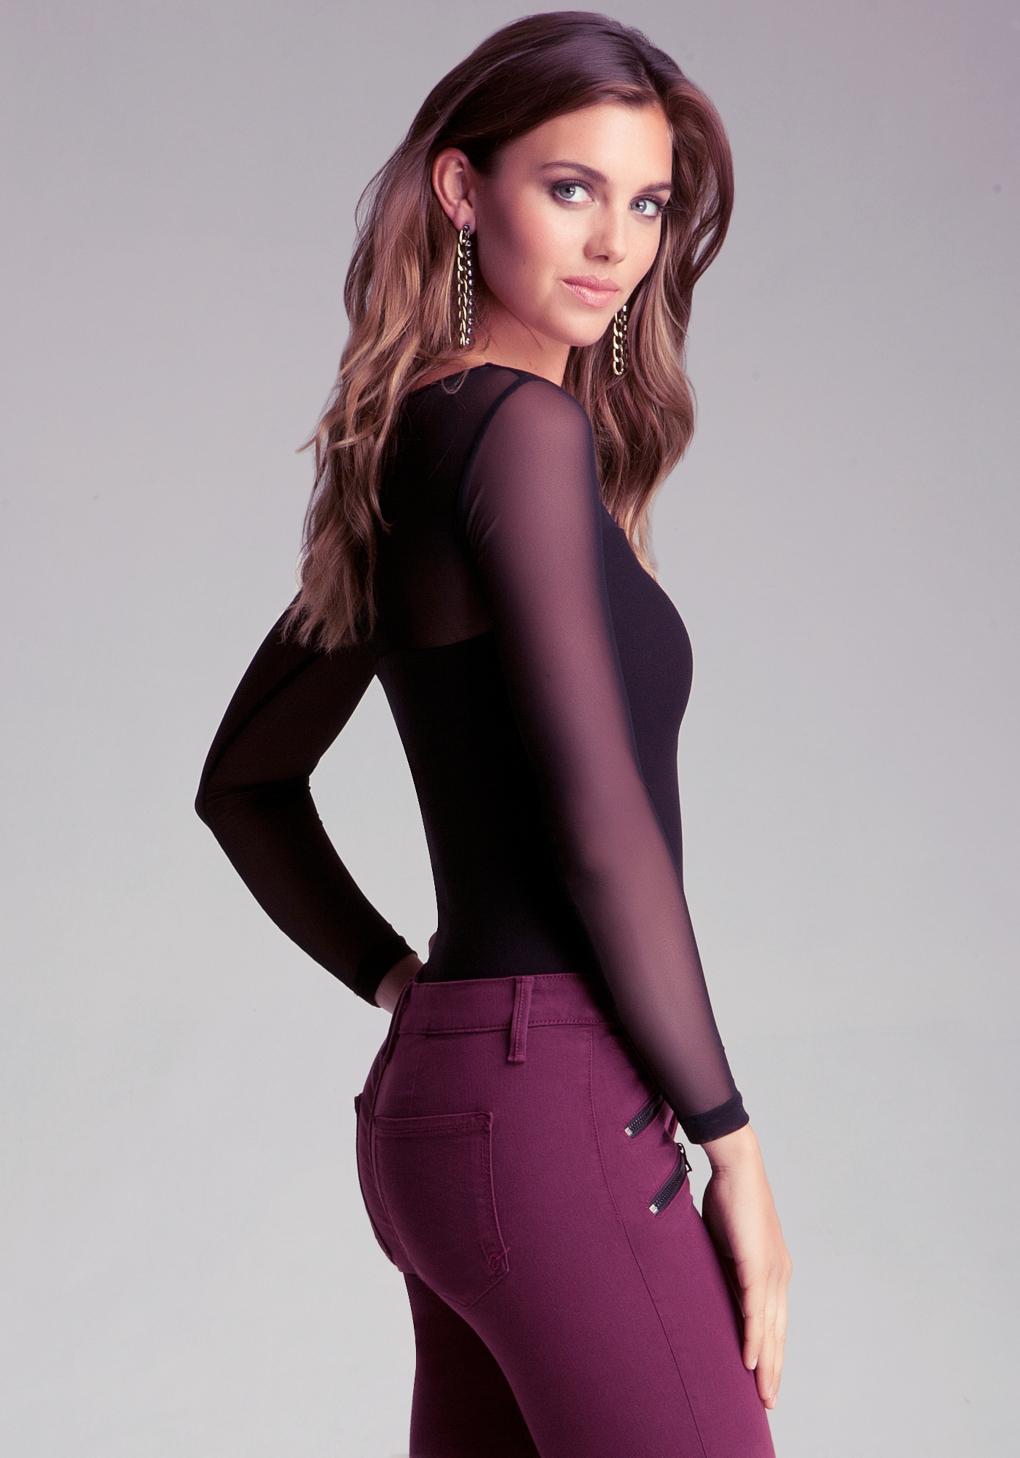 Lyst - Bebe Cutout Bodycon Dress in Purple